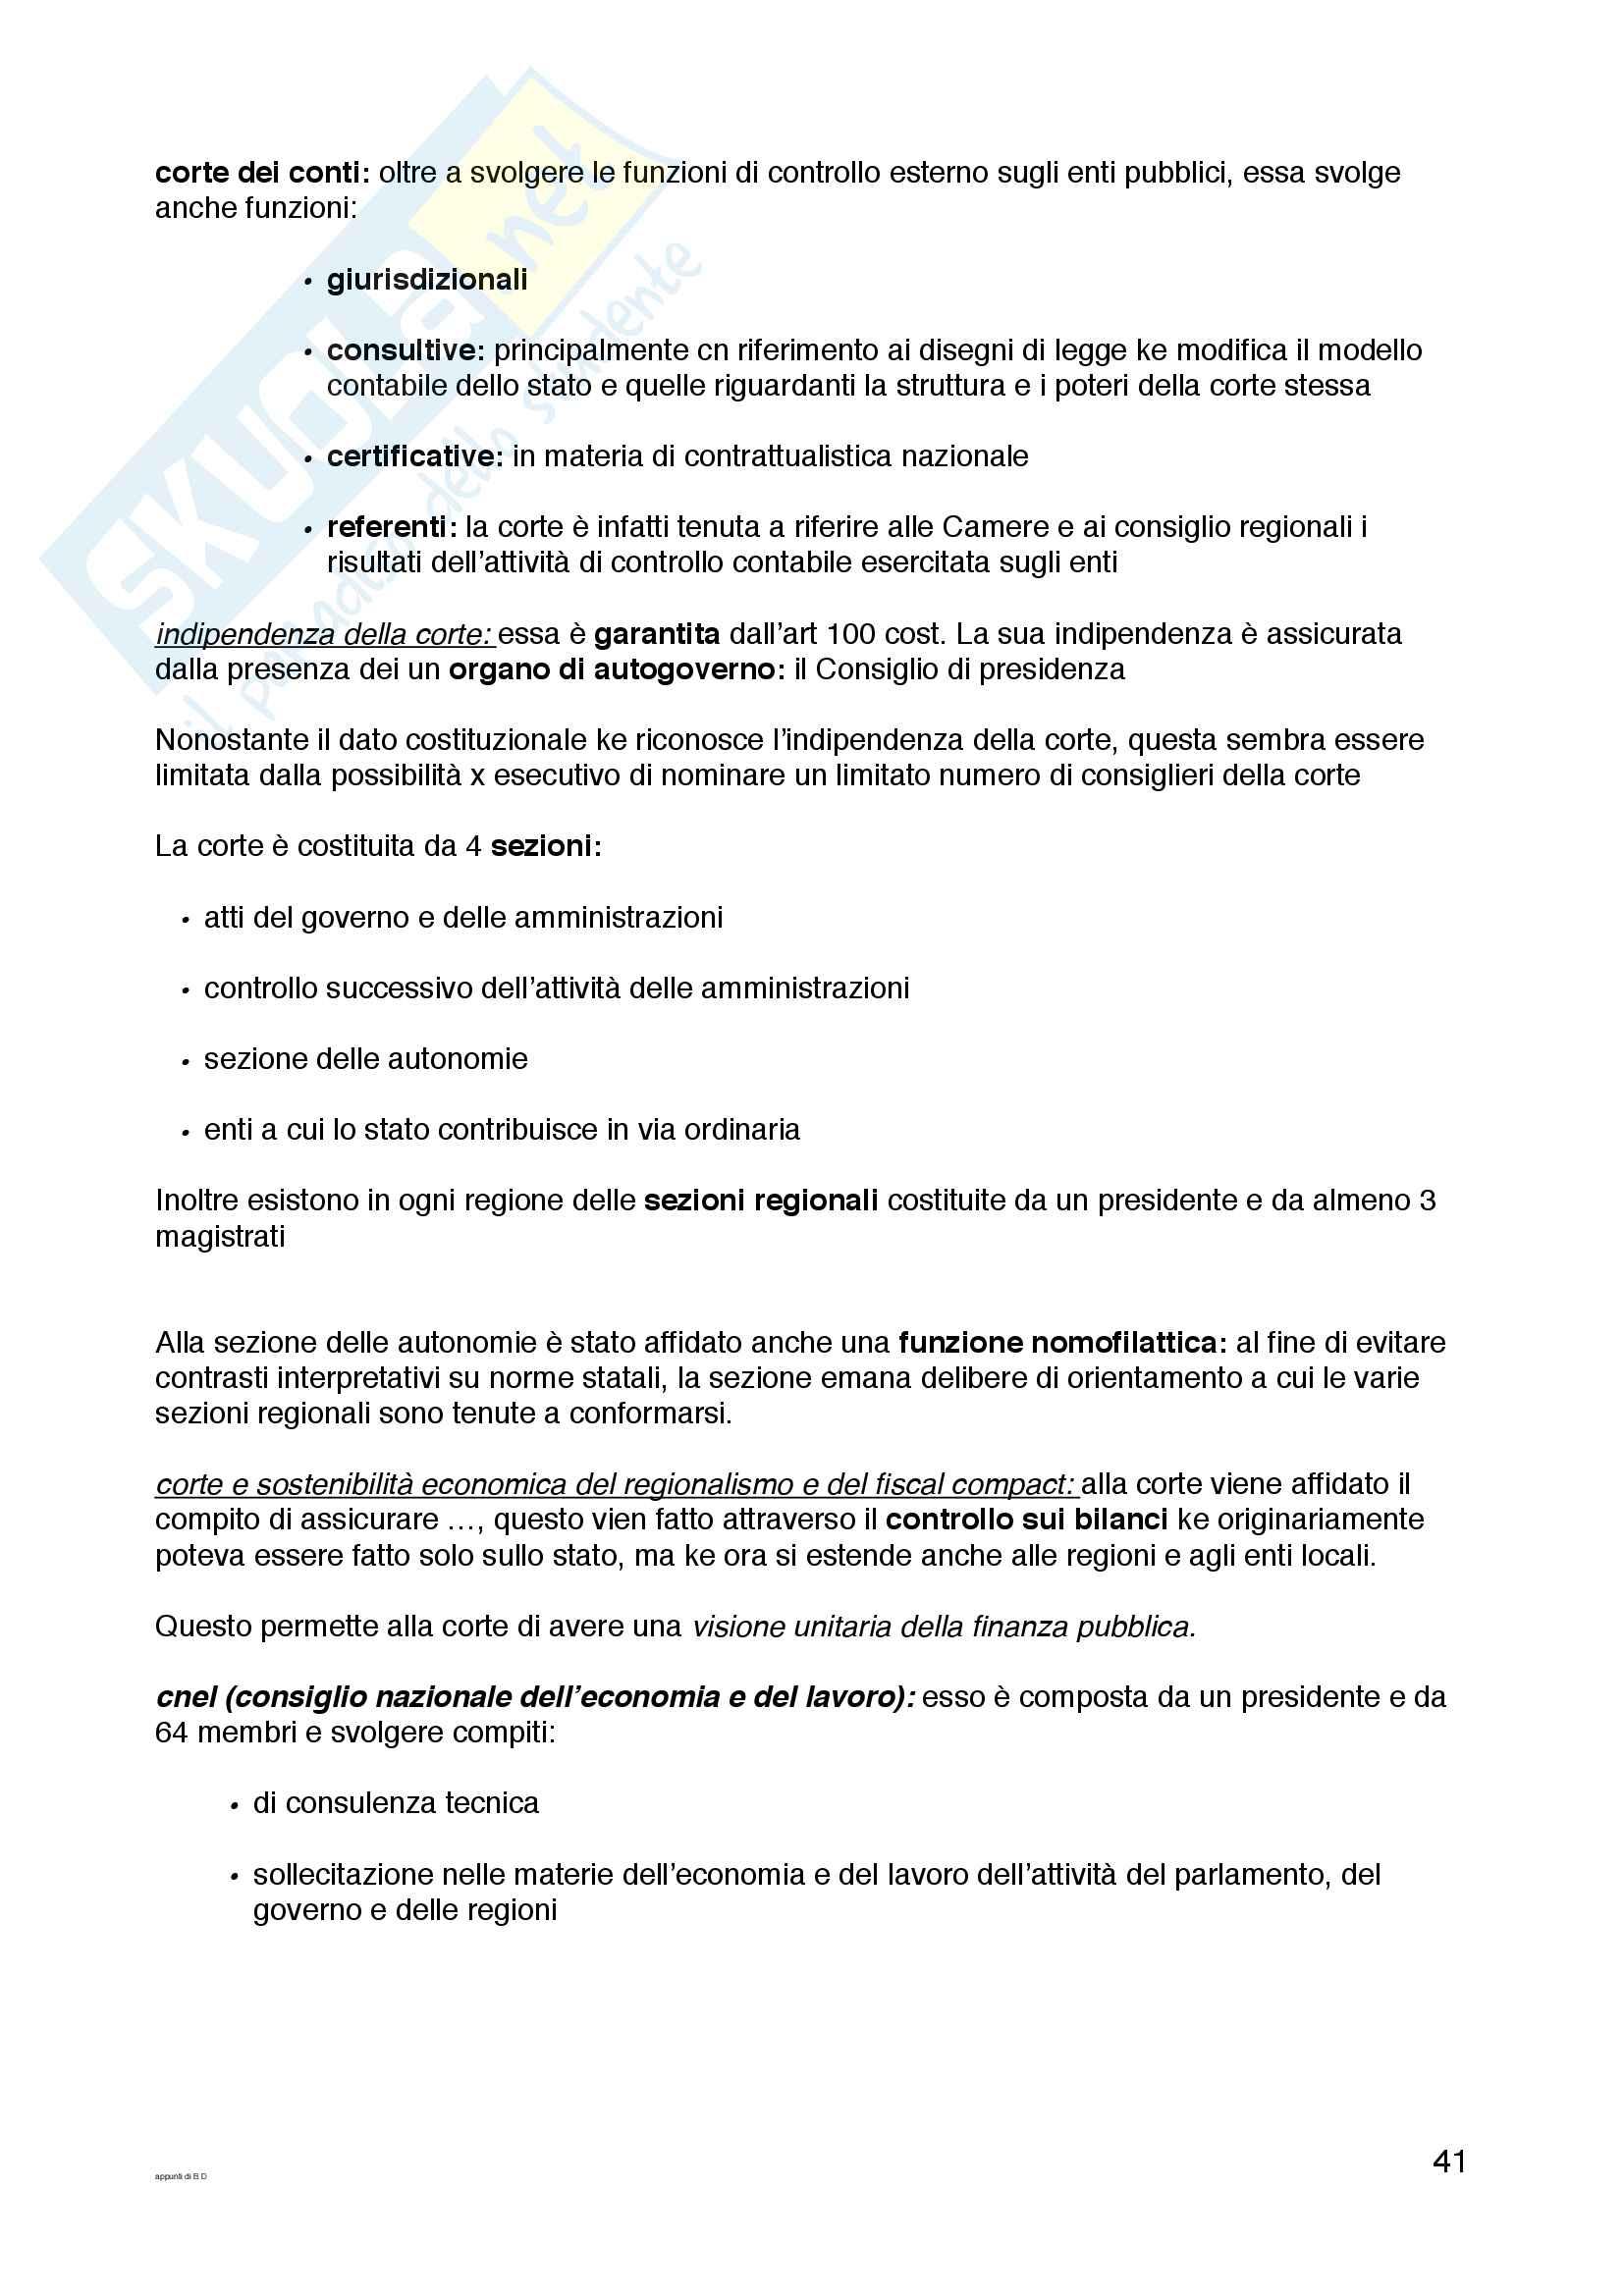 Diritto amministrativo 1 PDF Pag. 41